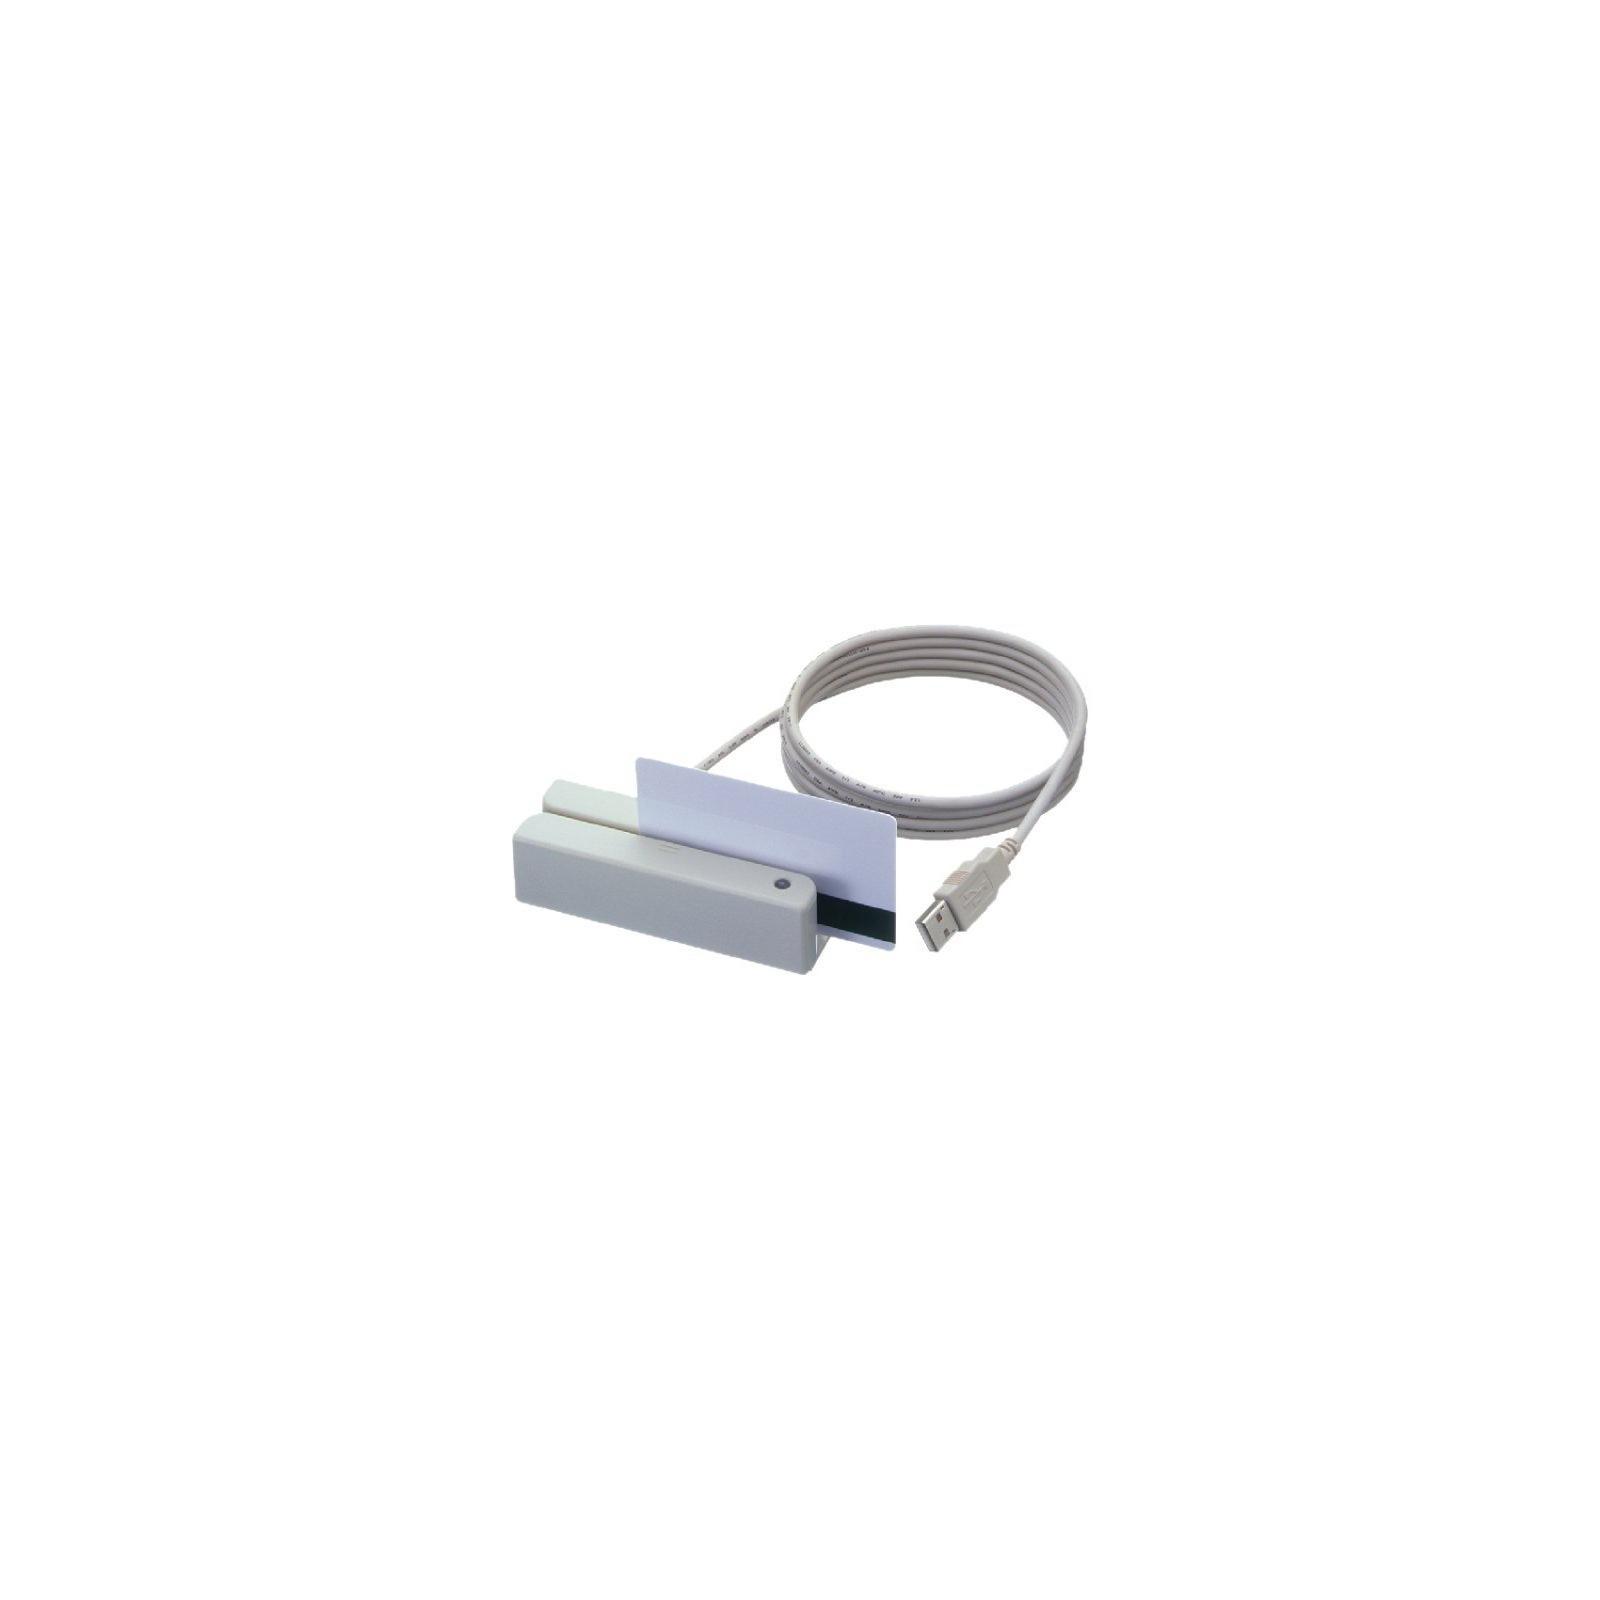 Считыватель магнитных карт Cipherlab MSR213 USB-HID (000000210)